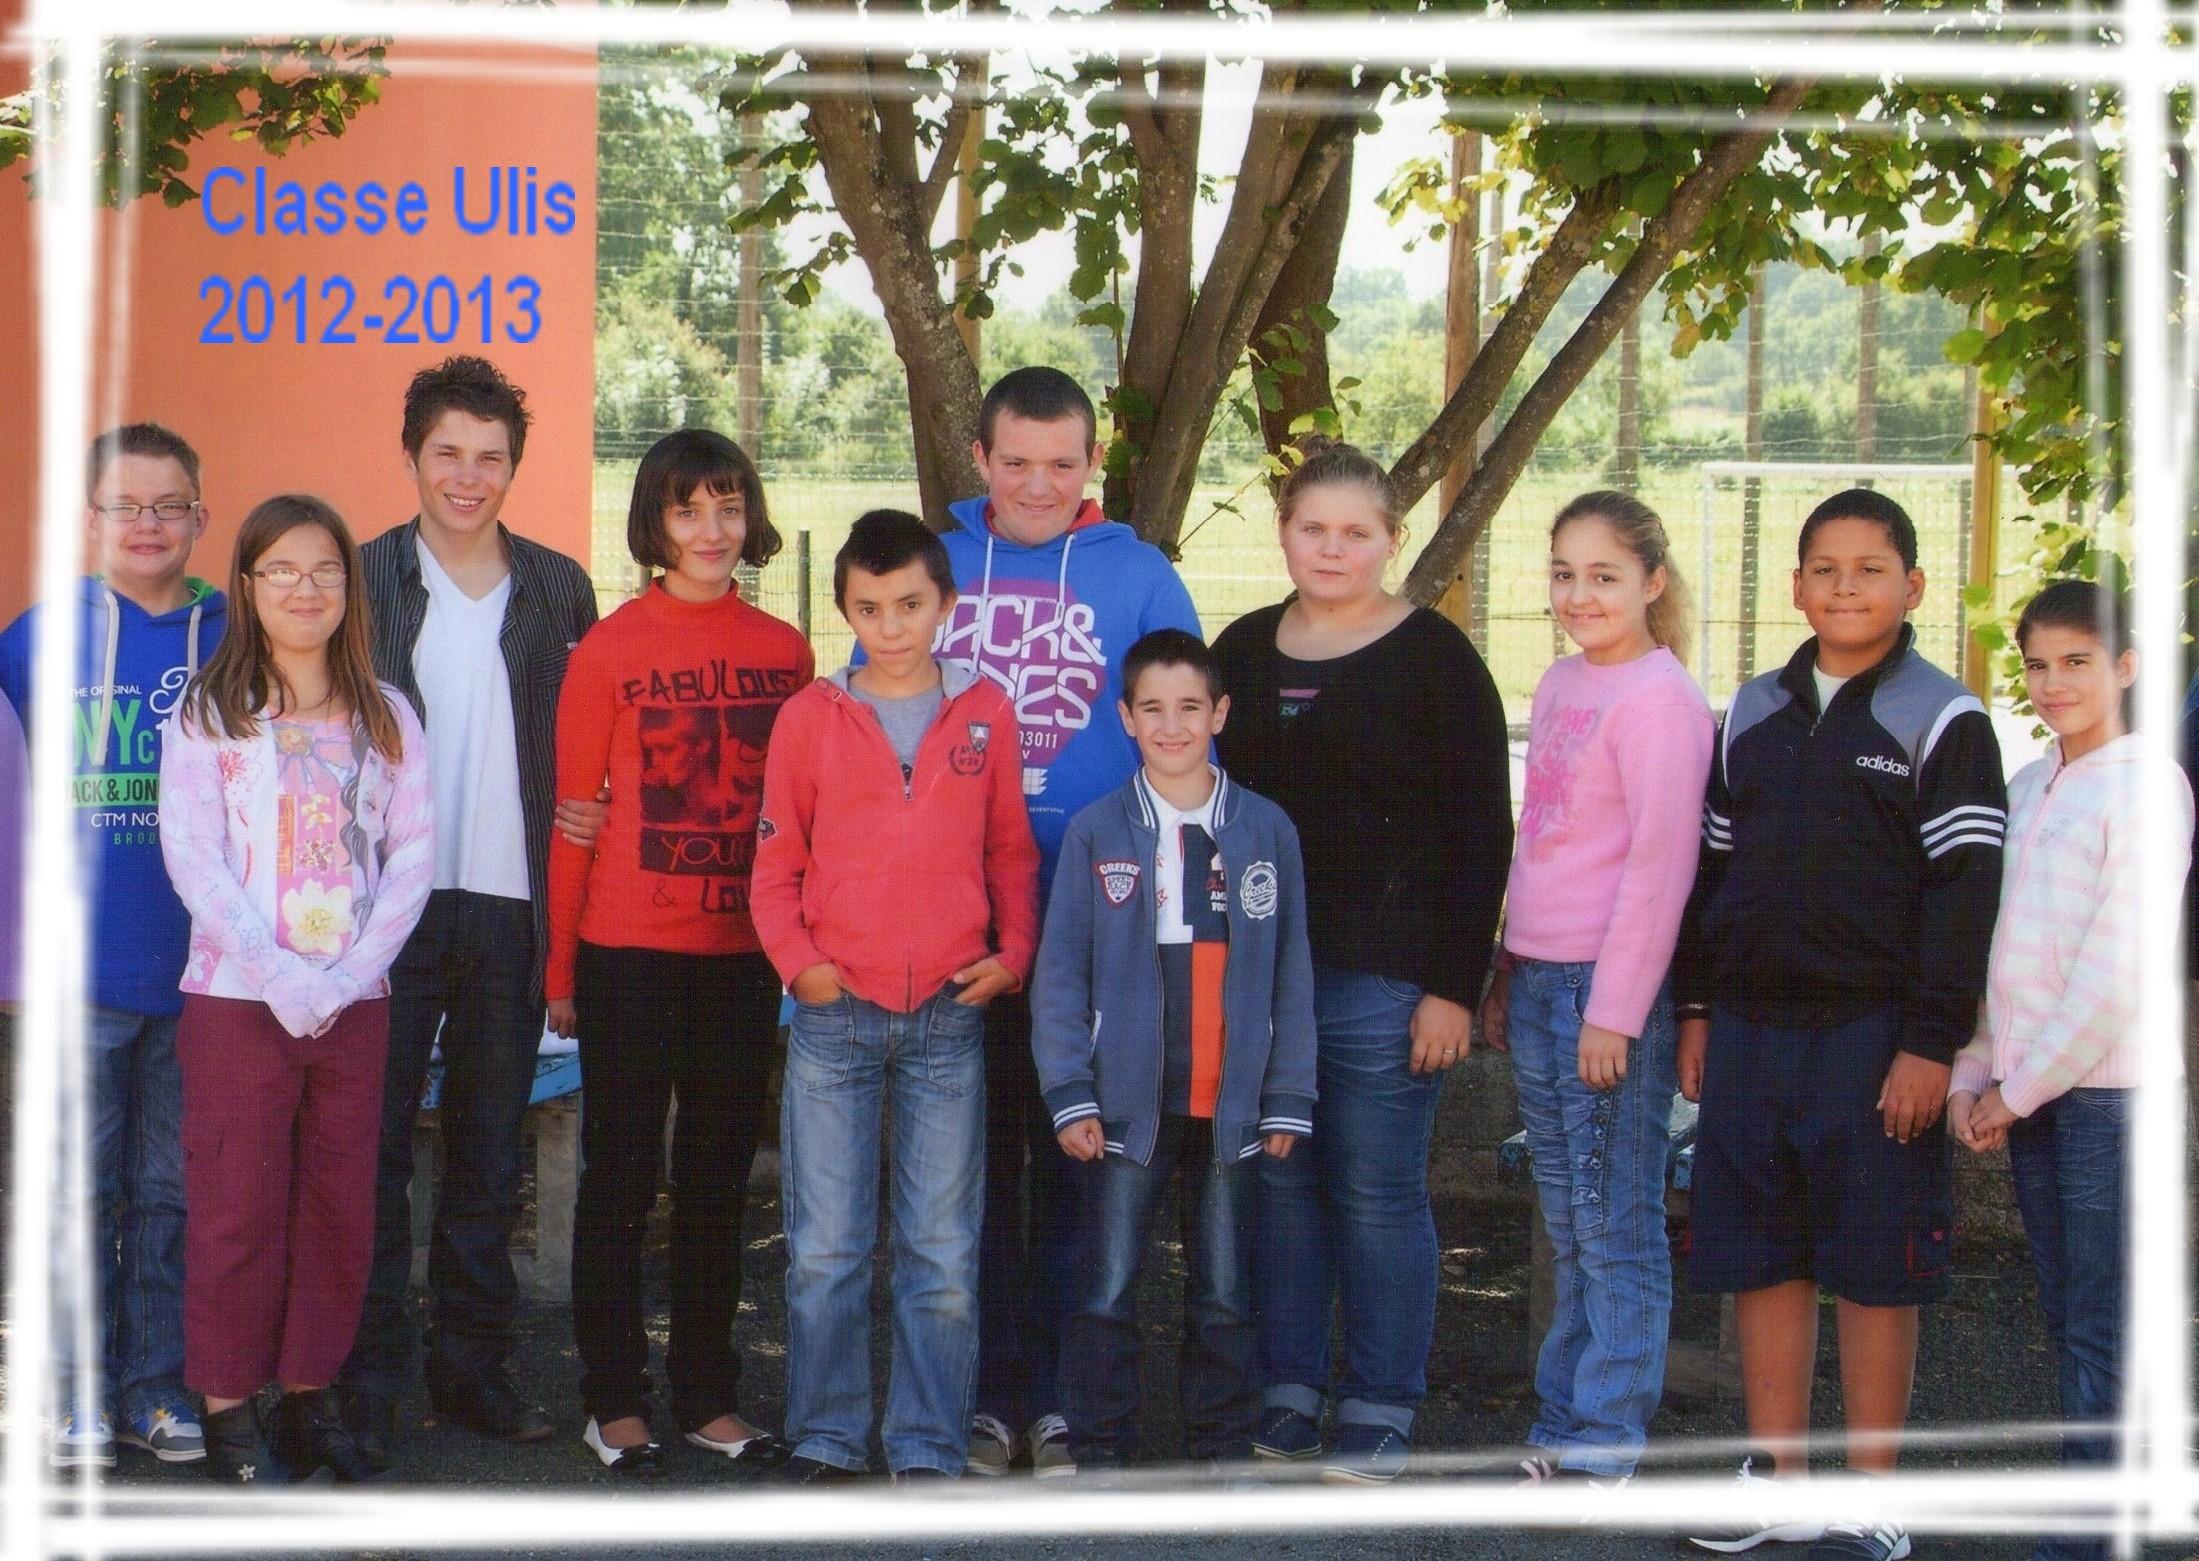 Classe Ulis Rentrée 2012-2013